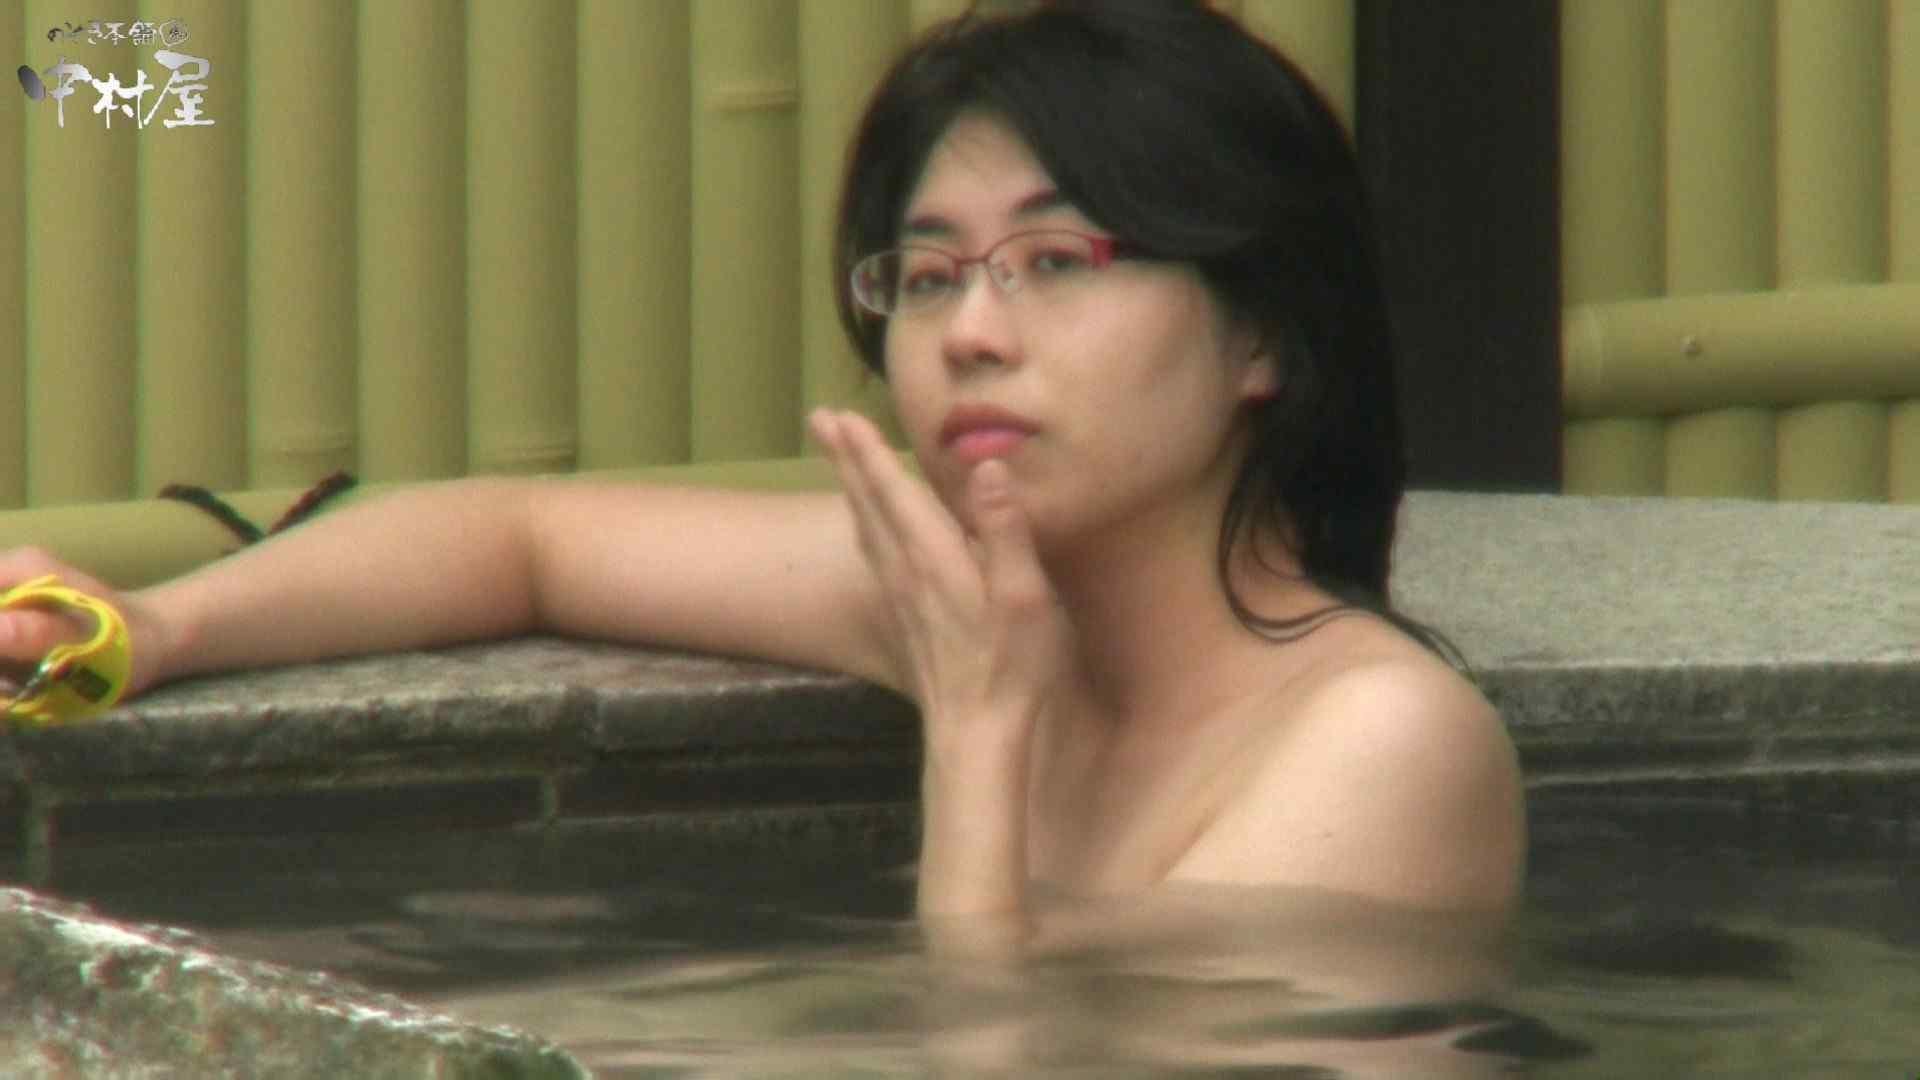 Aquaな露天風呂Vol.947 綺麗なOLたち おまんこ動画流出 111枚 74